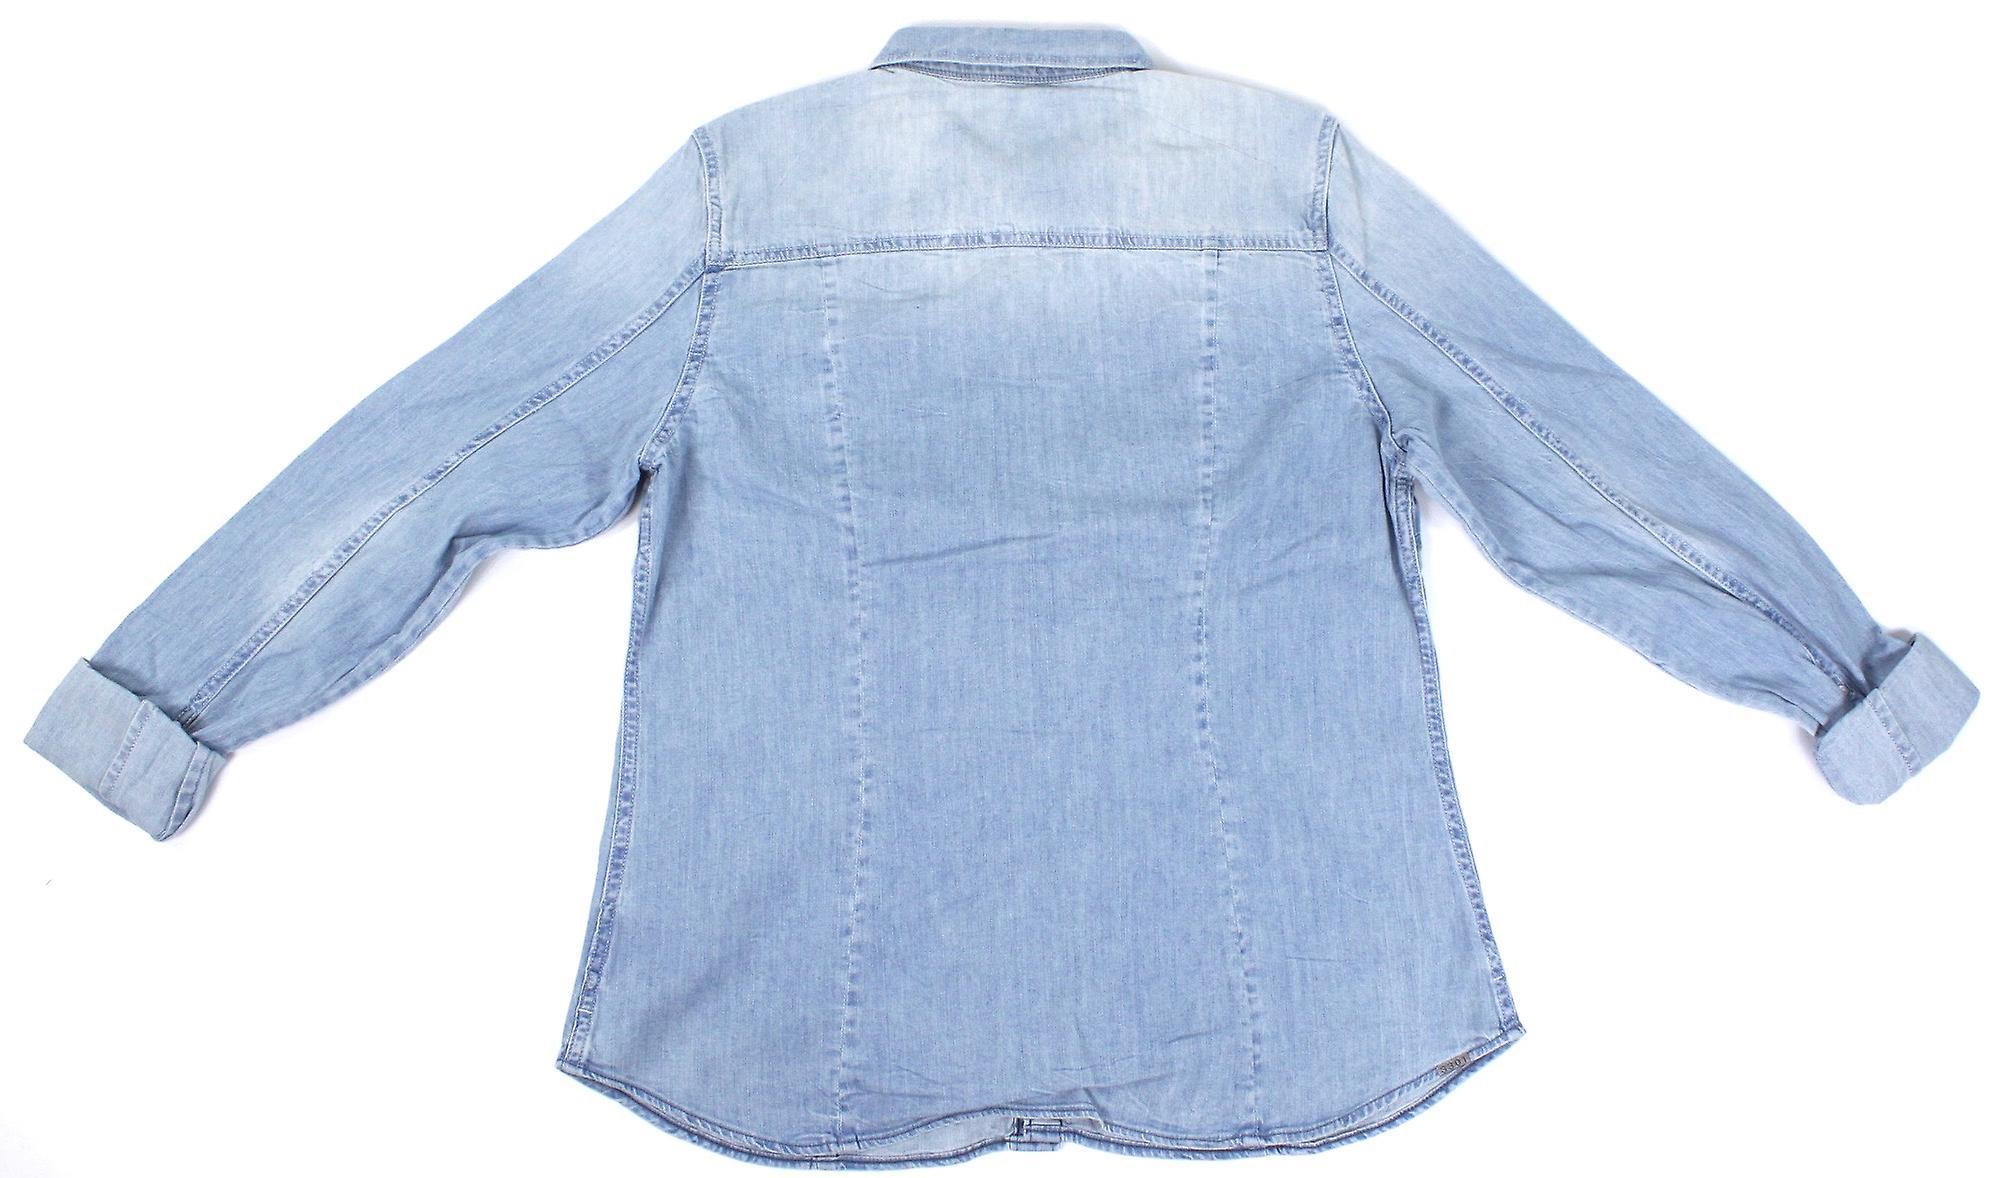 G-Star skräddare Slim skjorta dam Denim Casual skjorta  19fab533eb546